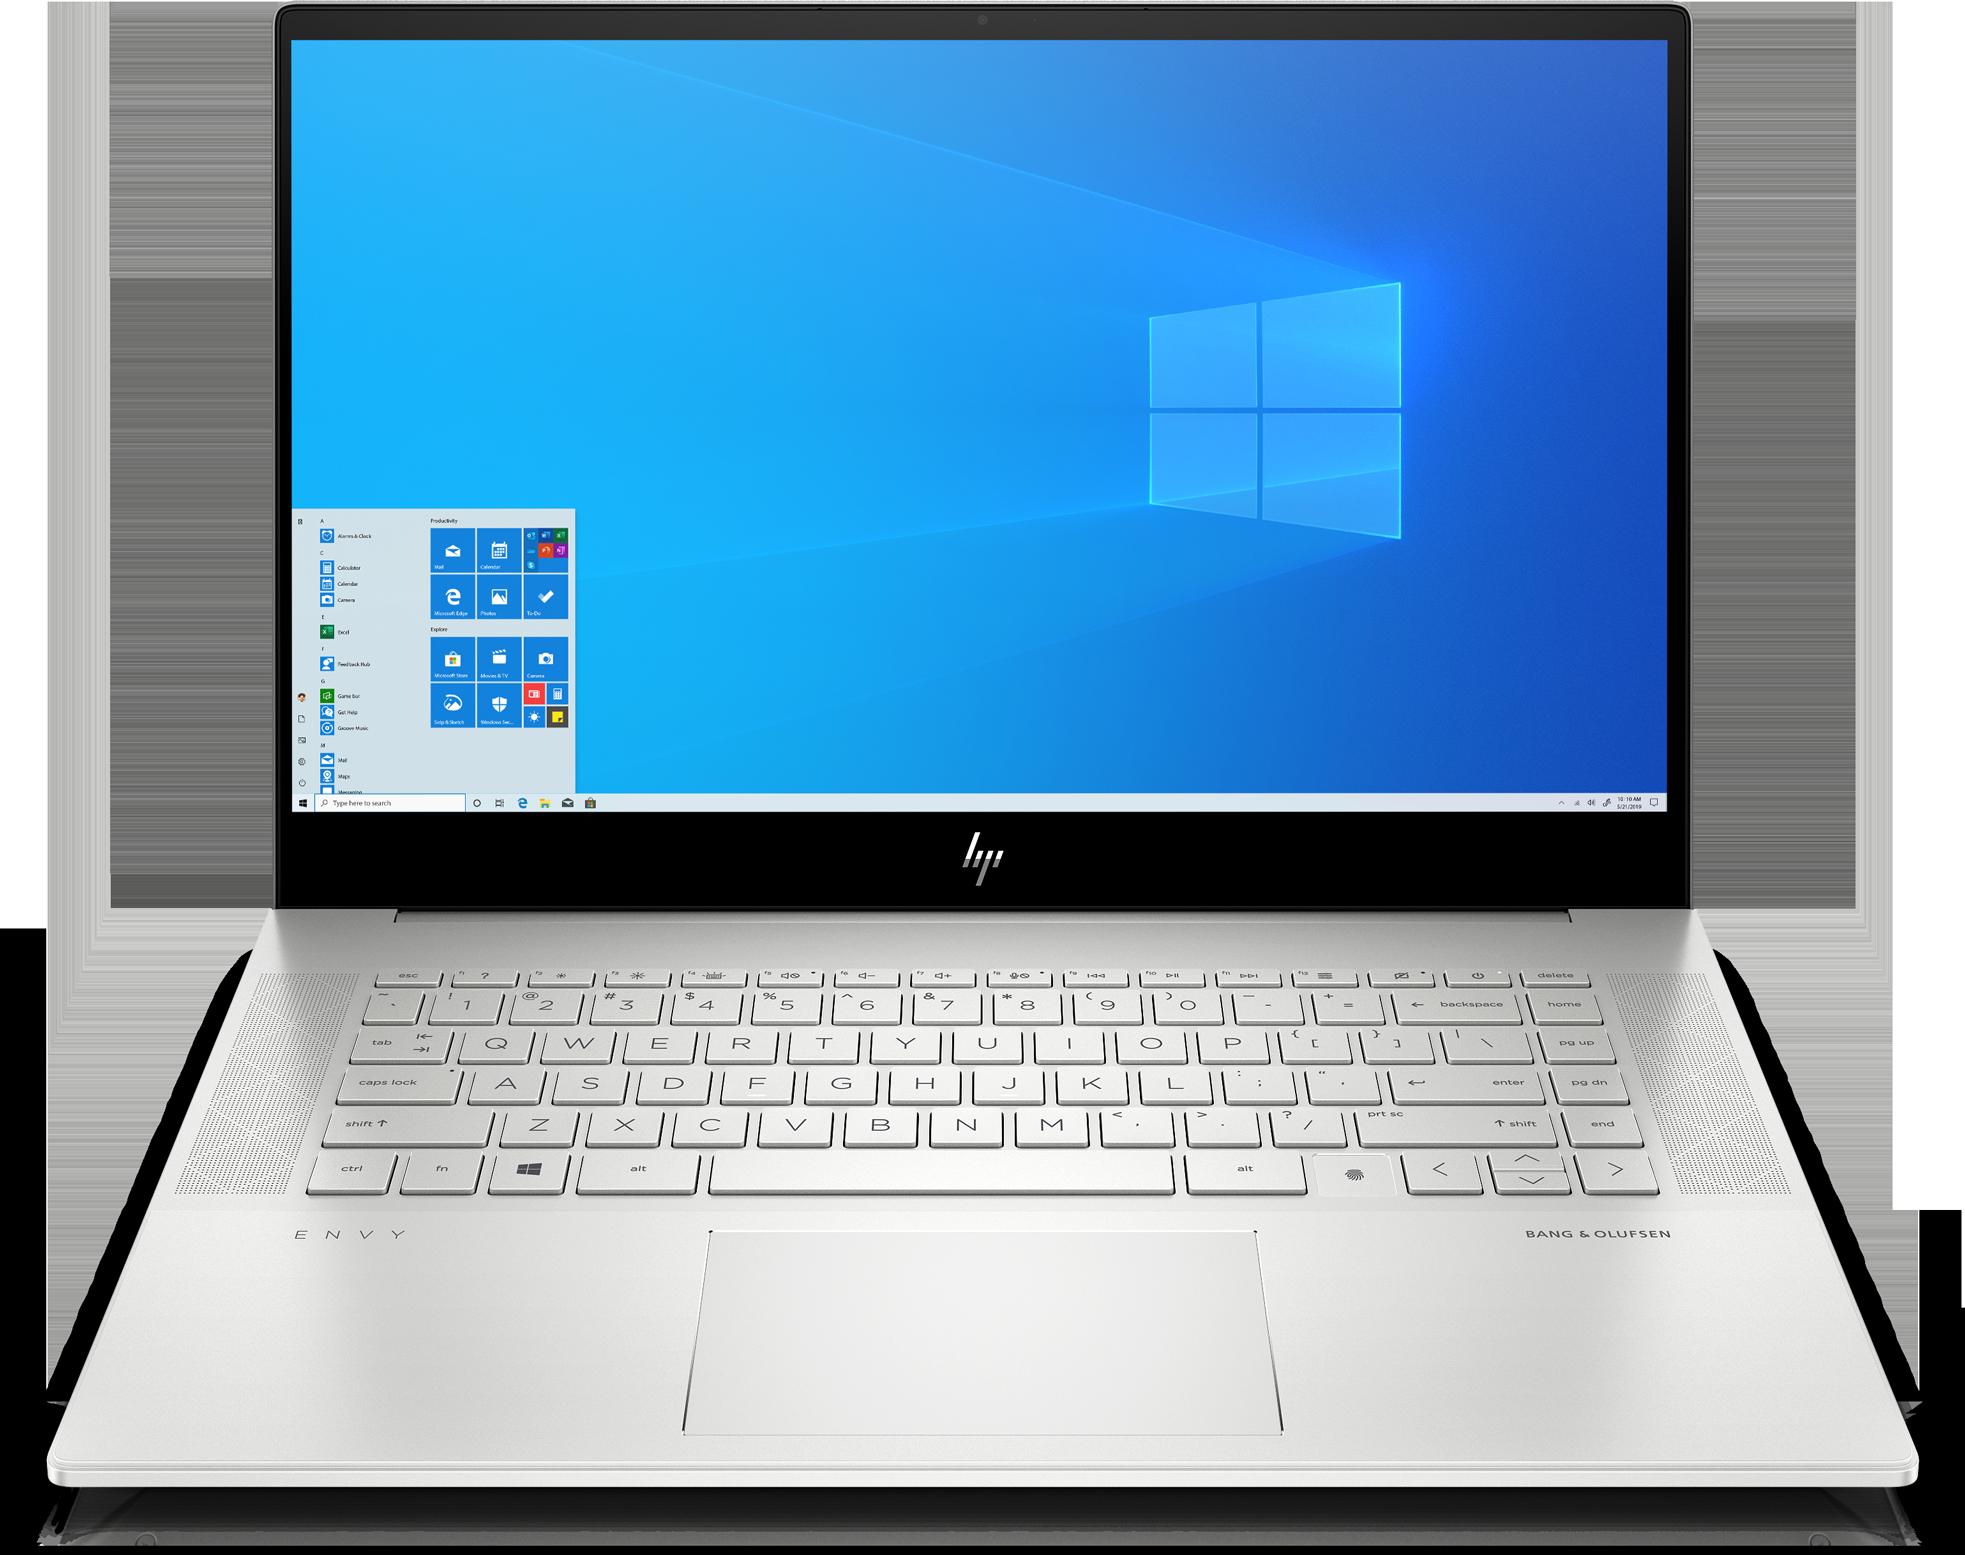 HP ENVY 15-ep0010nr Laptop